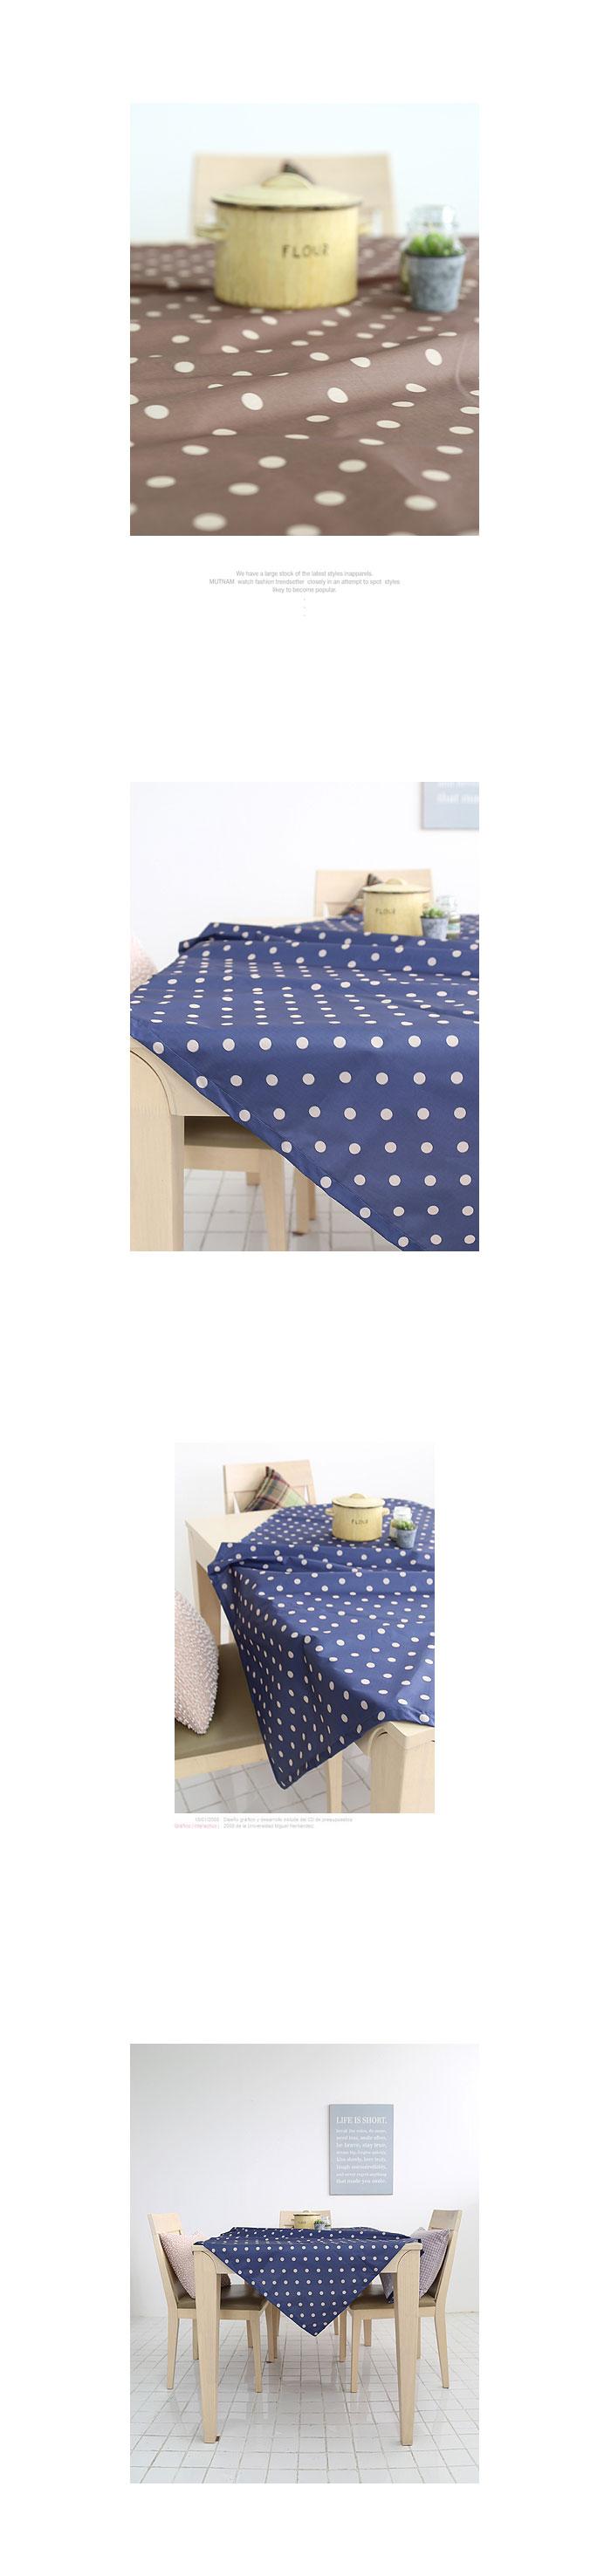 써클도트 테이블커버(2color-2size) - 안나하우스, 11,000원, 식탁, 식탁보